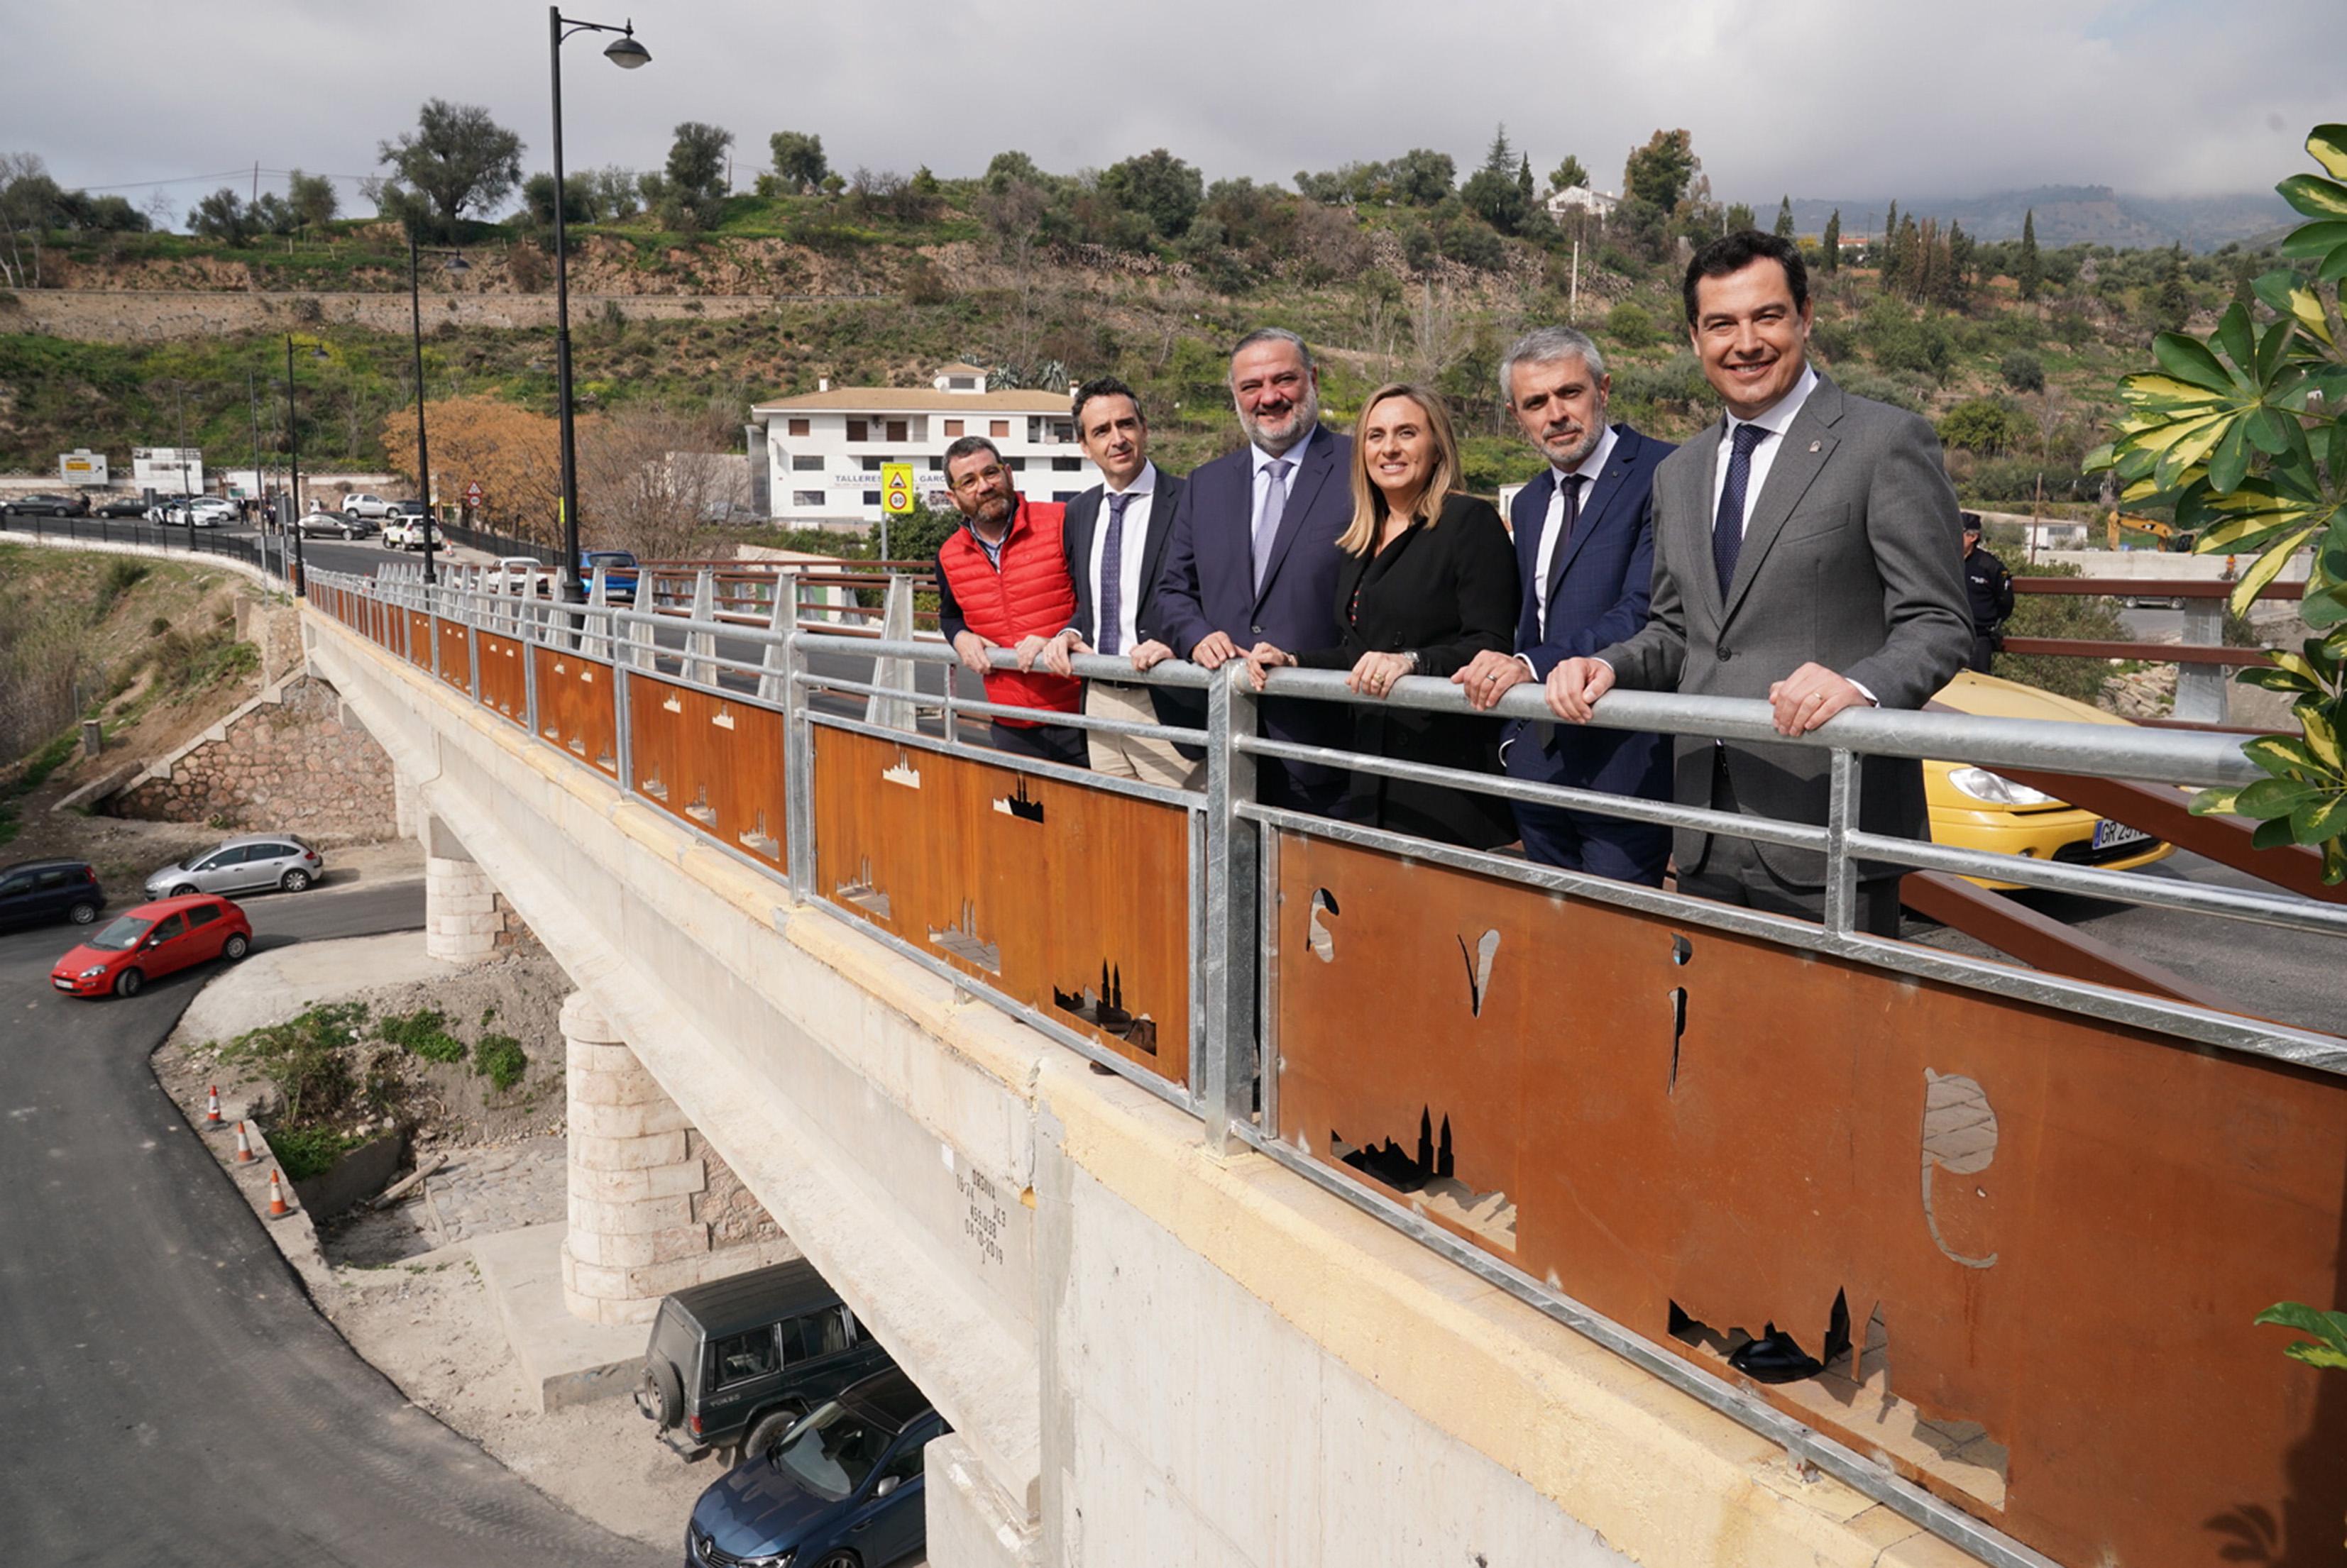 La Junta quiere revitalizar y convertir la Alpujarra en motor de desarrollo